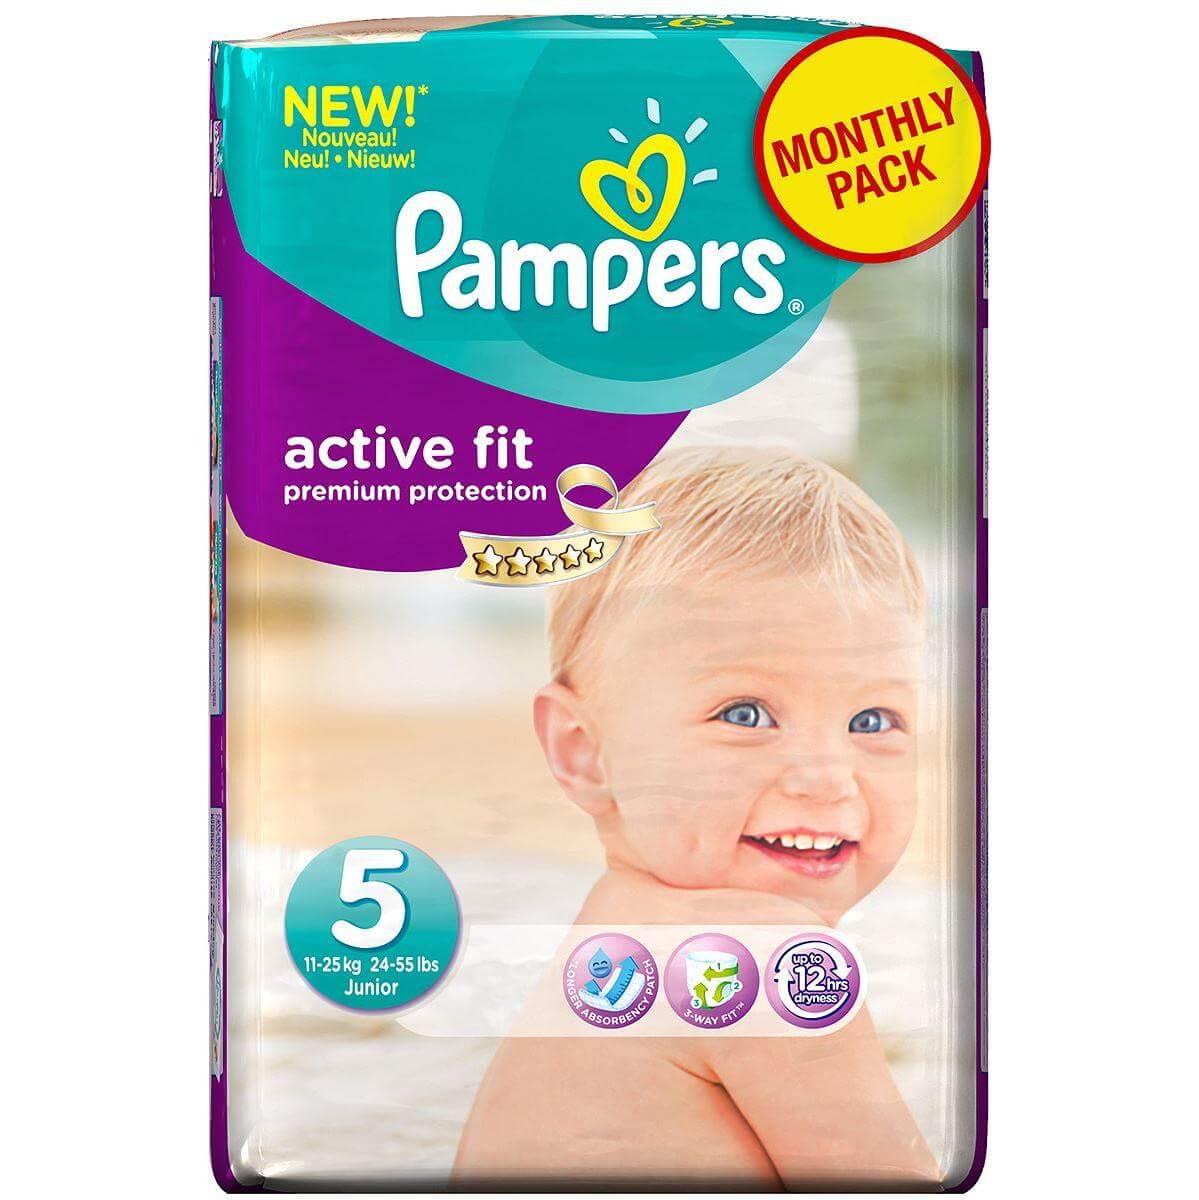 Pampers Active Fit Junior No. 5 (11-25 kg) Monthly Pack 136 τμχ, μόνο 0,36€/πάνα μητέρα παιδί   περιποίηση για το μωρό   πάνες